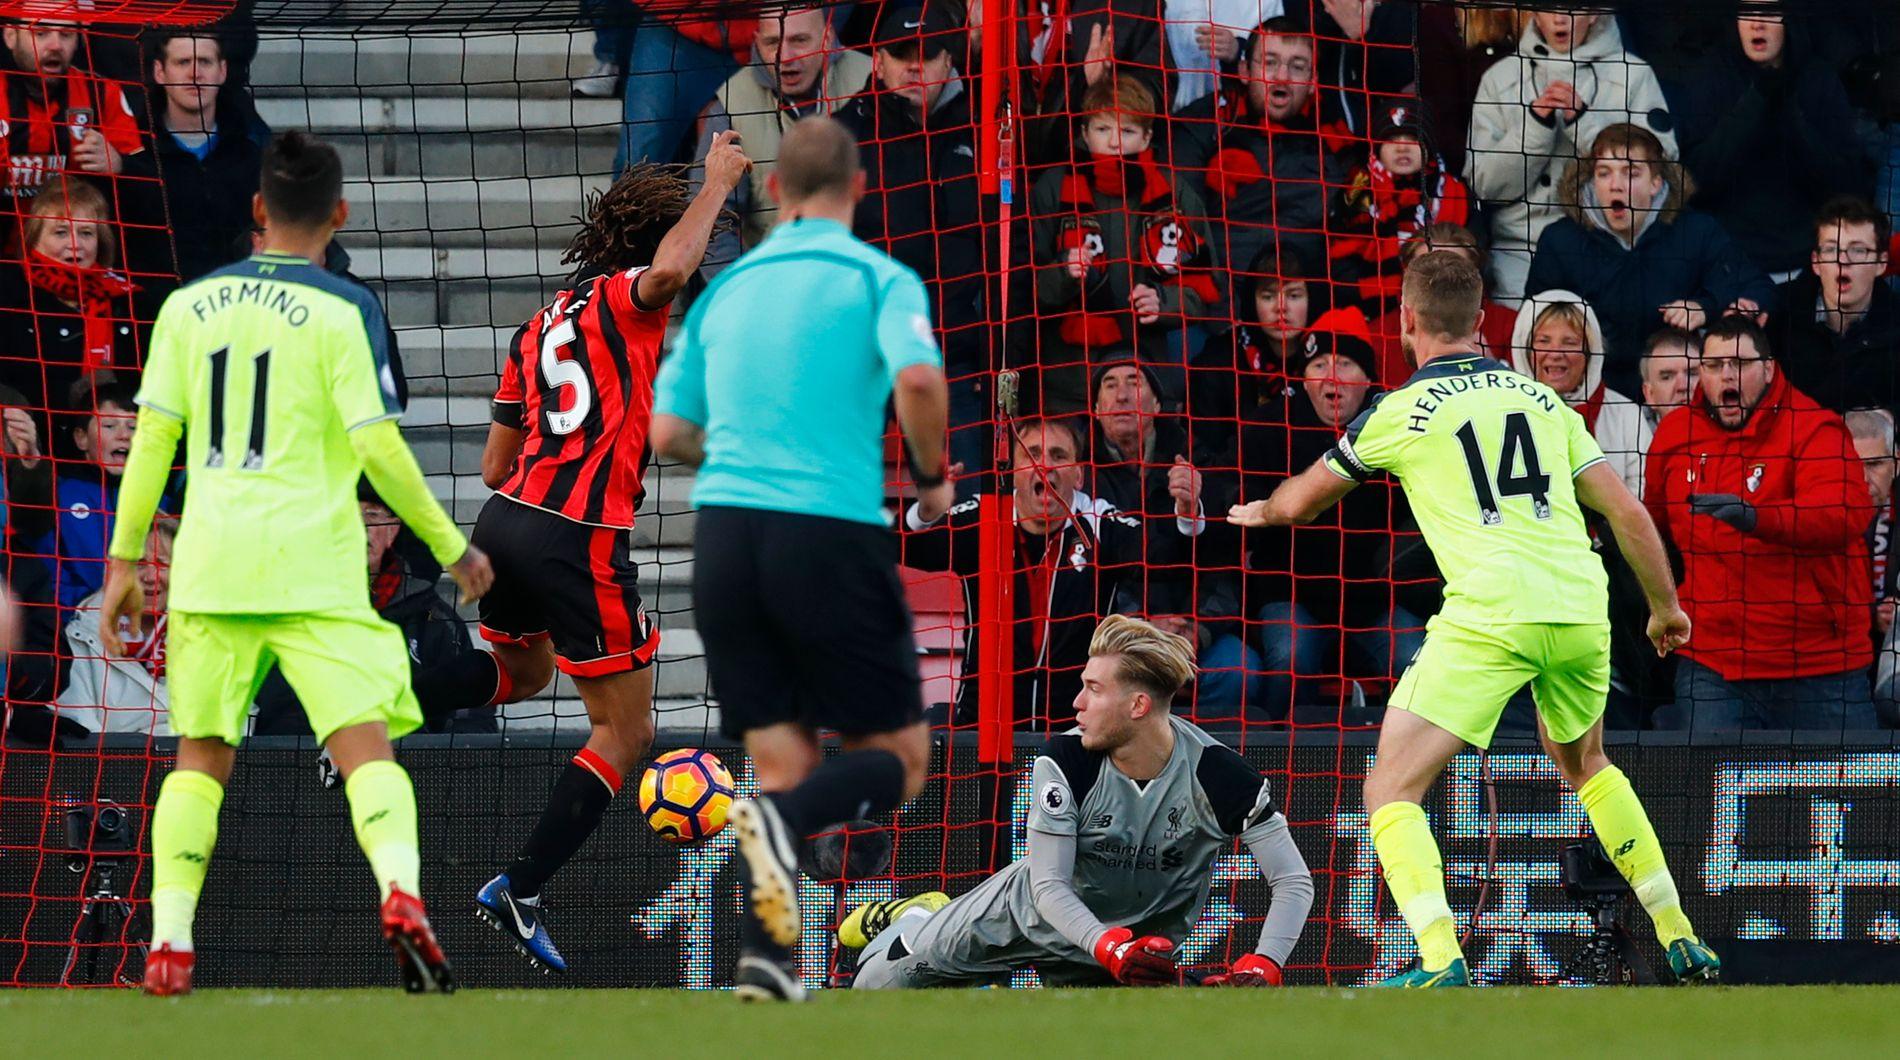 MATCHVINNER PÅ OVERTID: Nathan Aké utnytter dårlig keeperspill av Liverpools Loris Karius og setter inn 4-3 på overtid. Matchvinneren, på utlån fra Chelsea, sørget derfor at London-klubben er tre poeng foran Liverpool i tittelkampen.